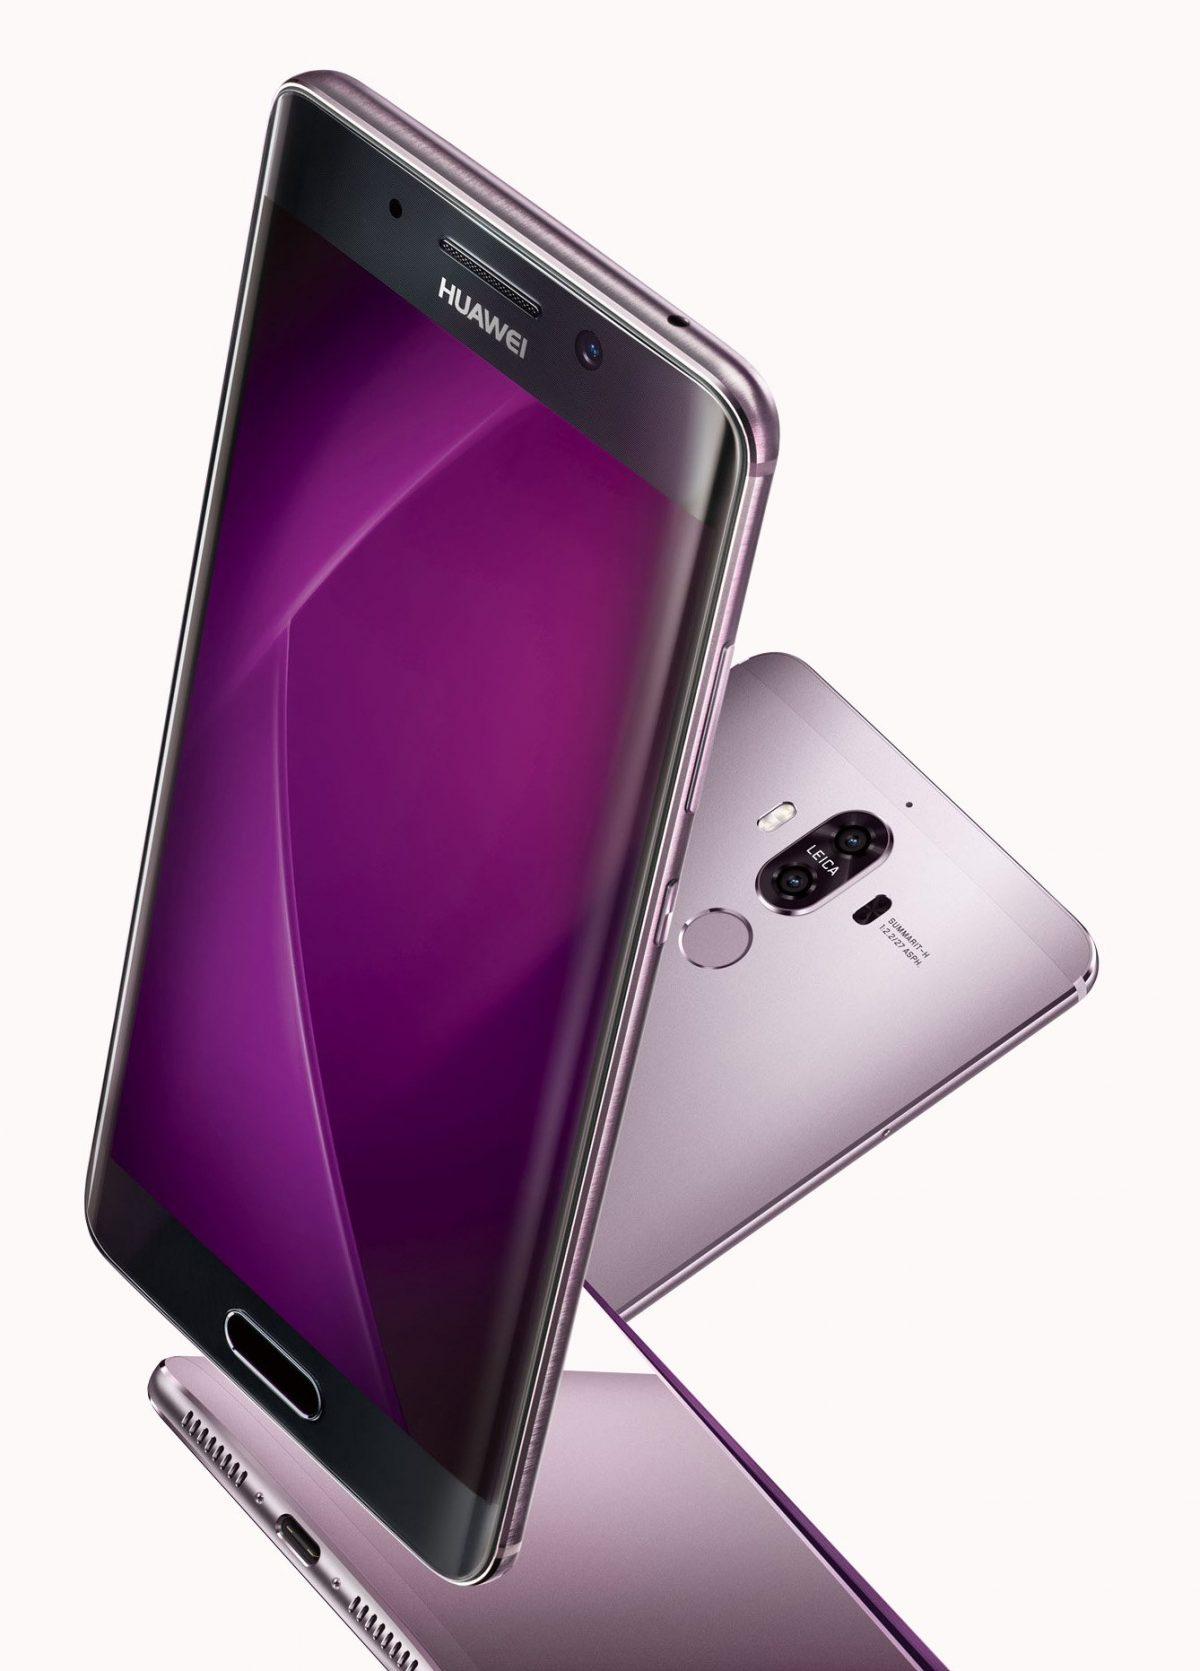 Das Huawei Mate 9 und Mate 9 Pro zeigen sich auf Bildern 2